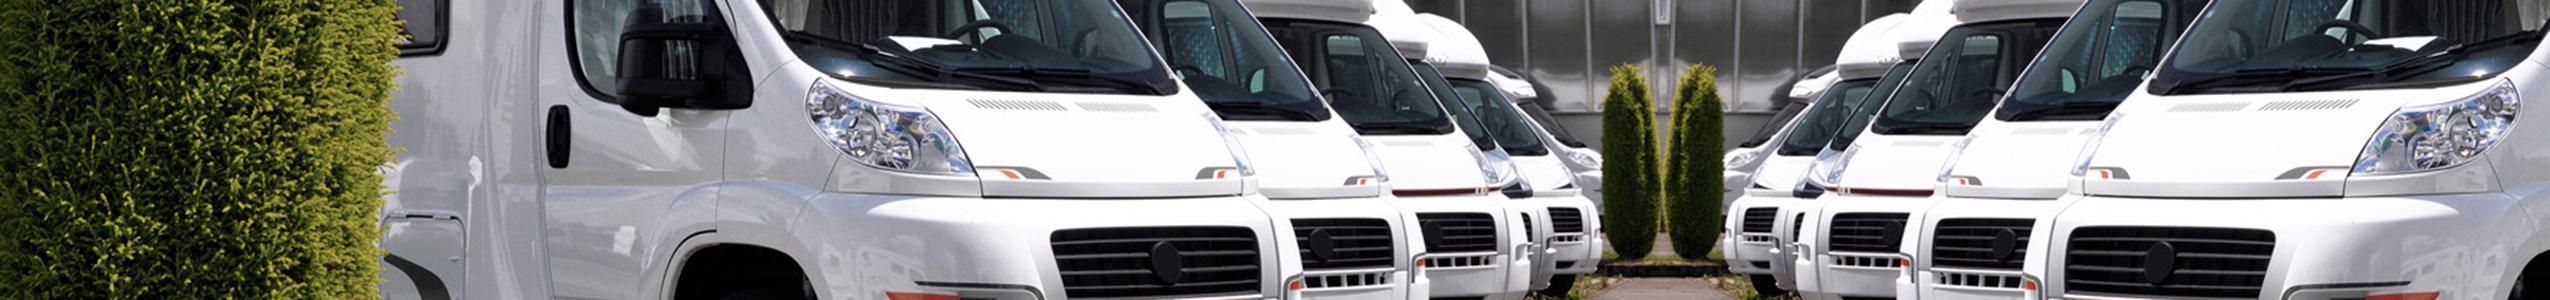 Venta de Vehículos de Ocasión - Caravaning Integral